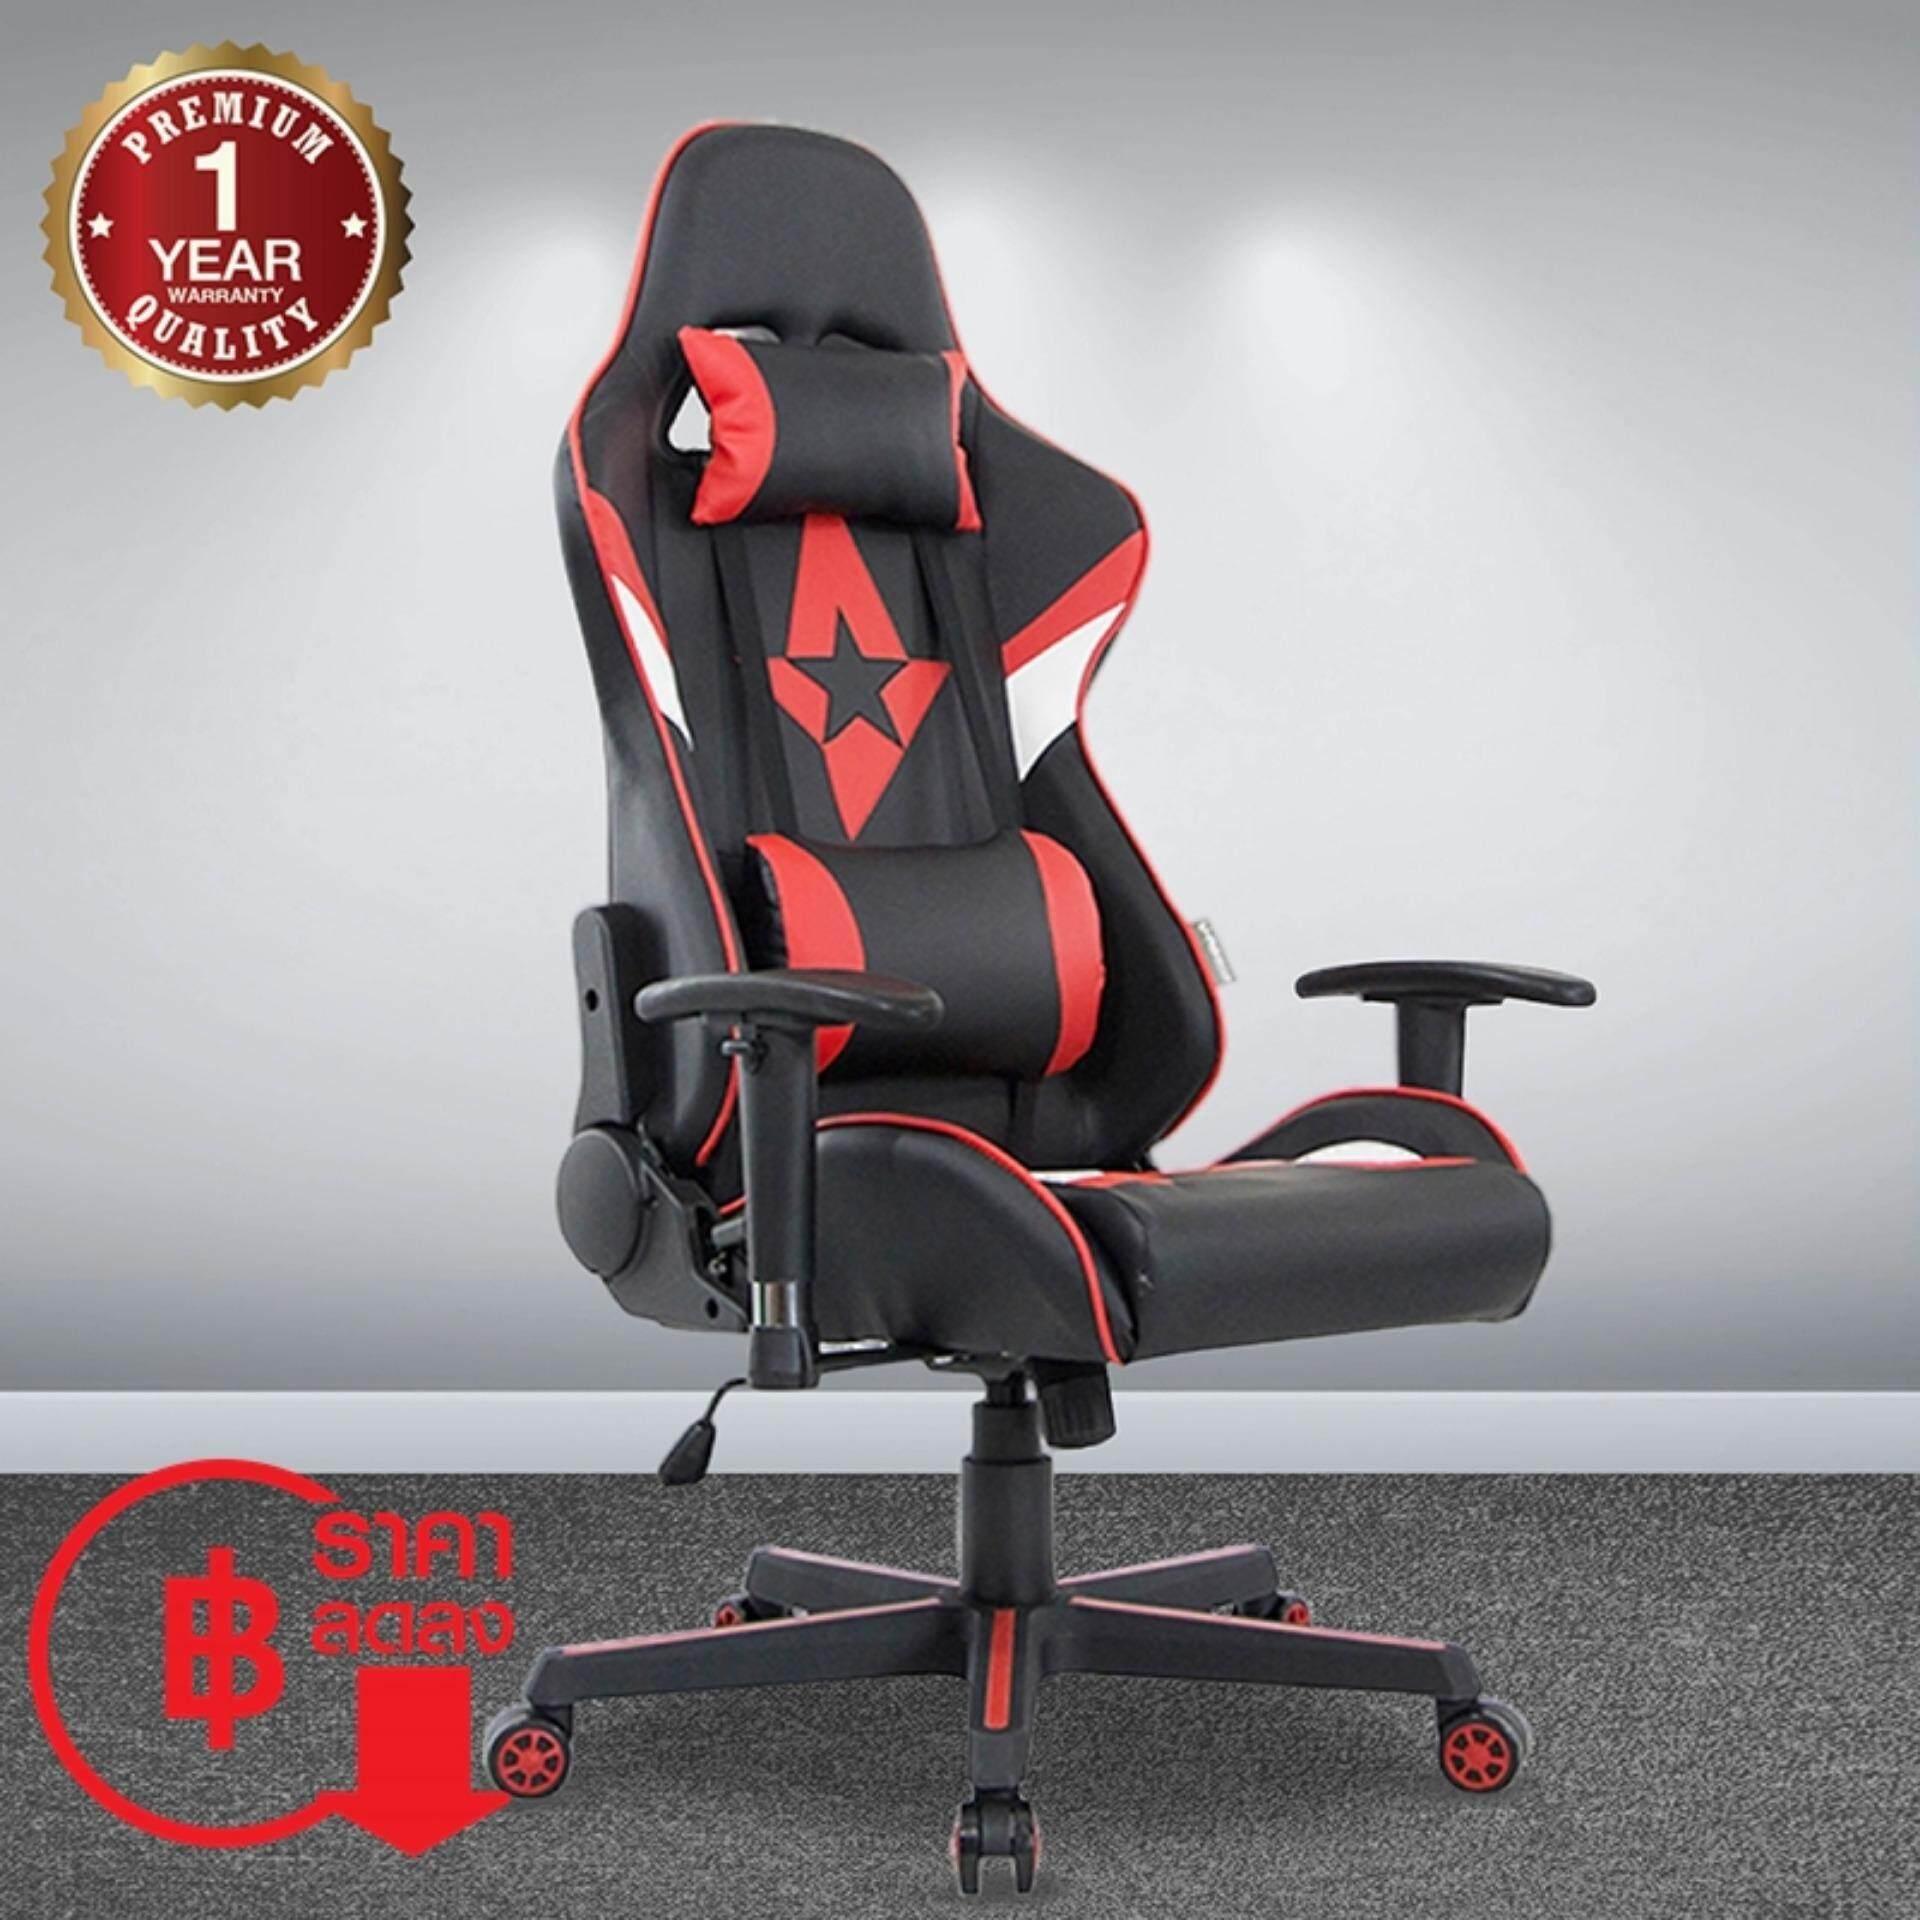 U-RO DECOR เก้าอี้เล่นเกมส์ เก้าอี้สำนักงาน ปรับนอนได้ รุ่น CAPTAIN (กัปตัน) สีดำ/แดง/ขาว